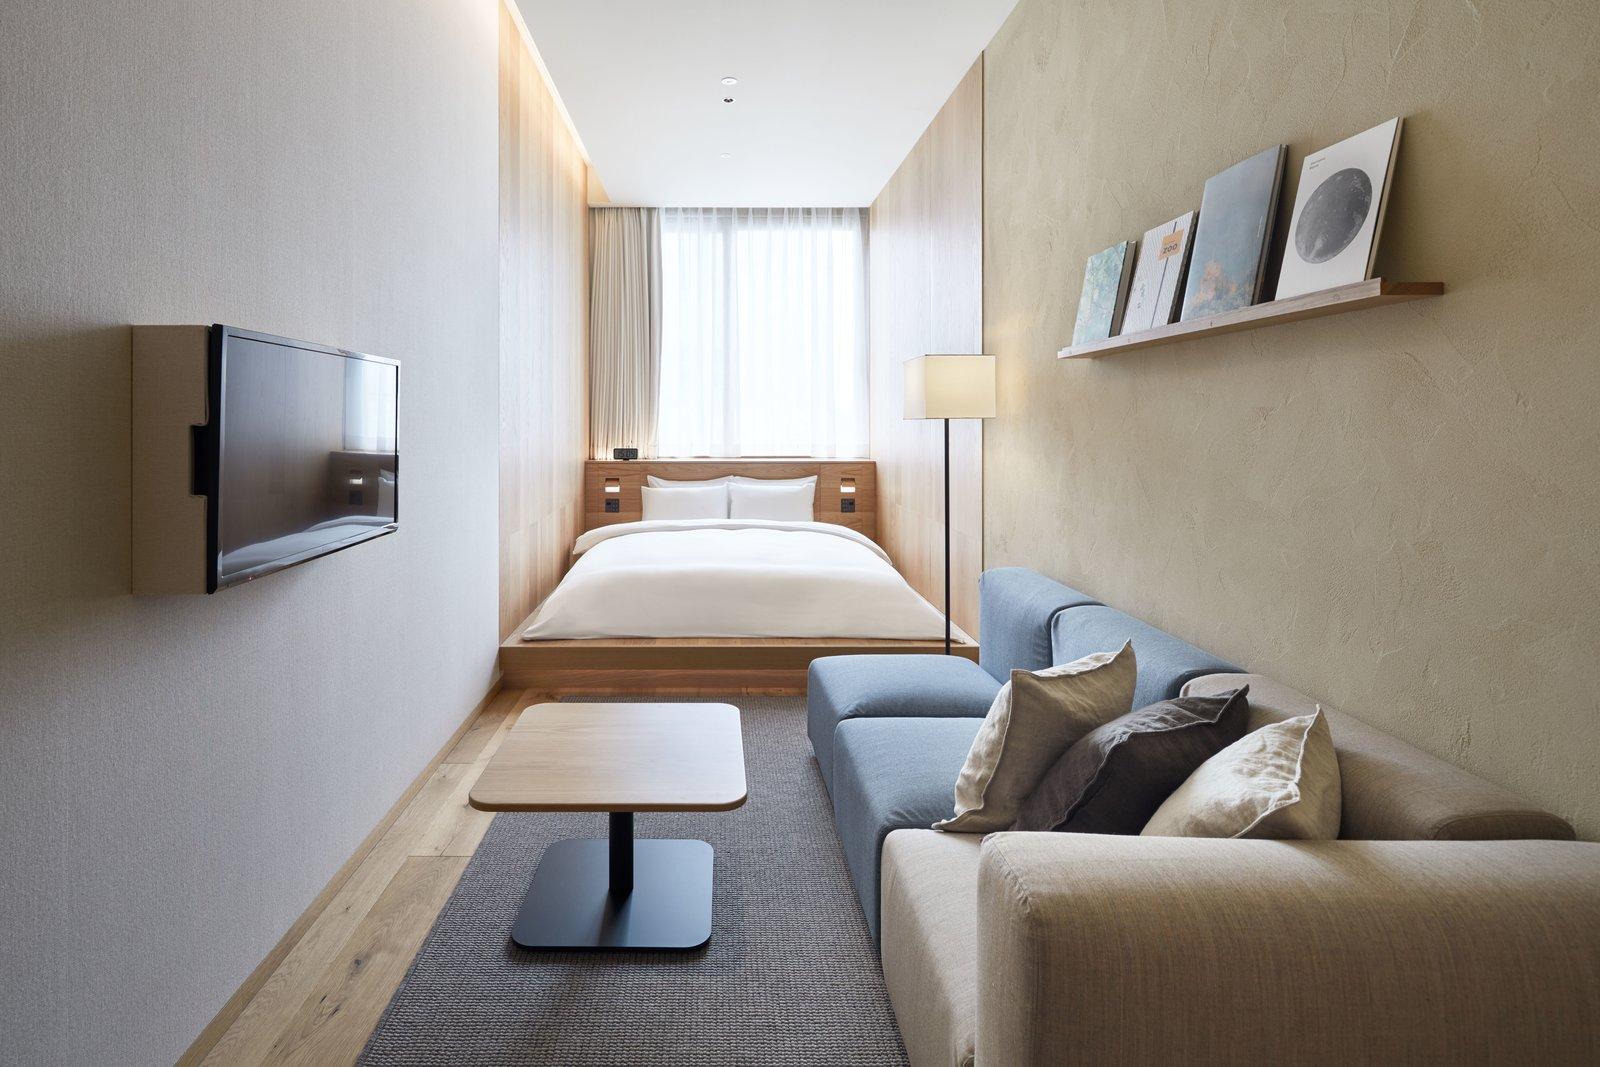 Muji Hotel Room in Ginza